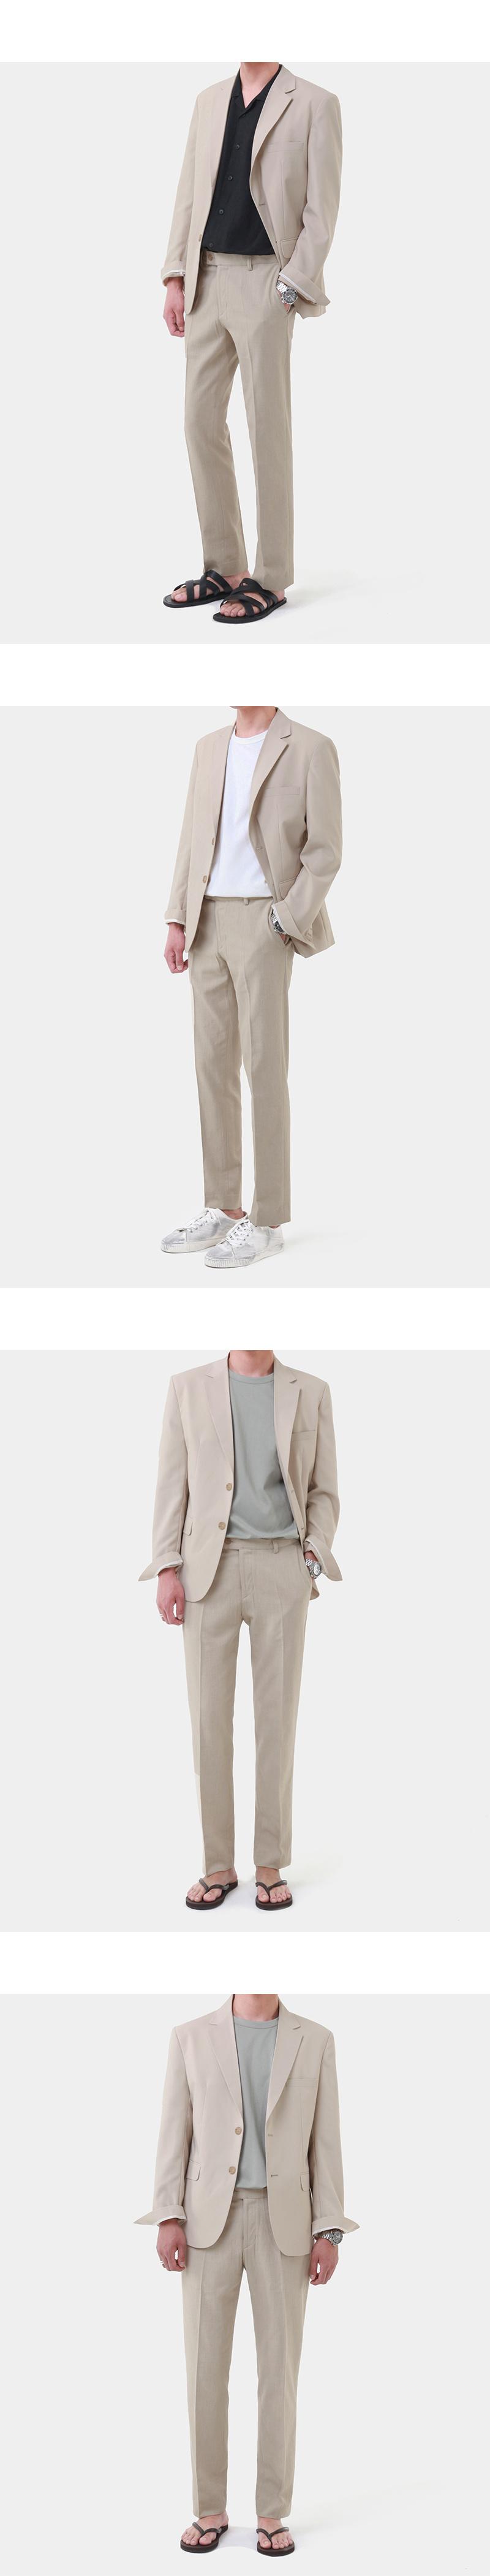 모디파이드(MODIFIED) [여름용 쿨원단 슬림블레이져 셋업] M#1757 summer minimal blazer set-up (beige)